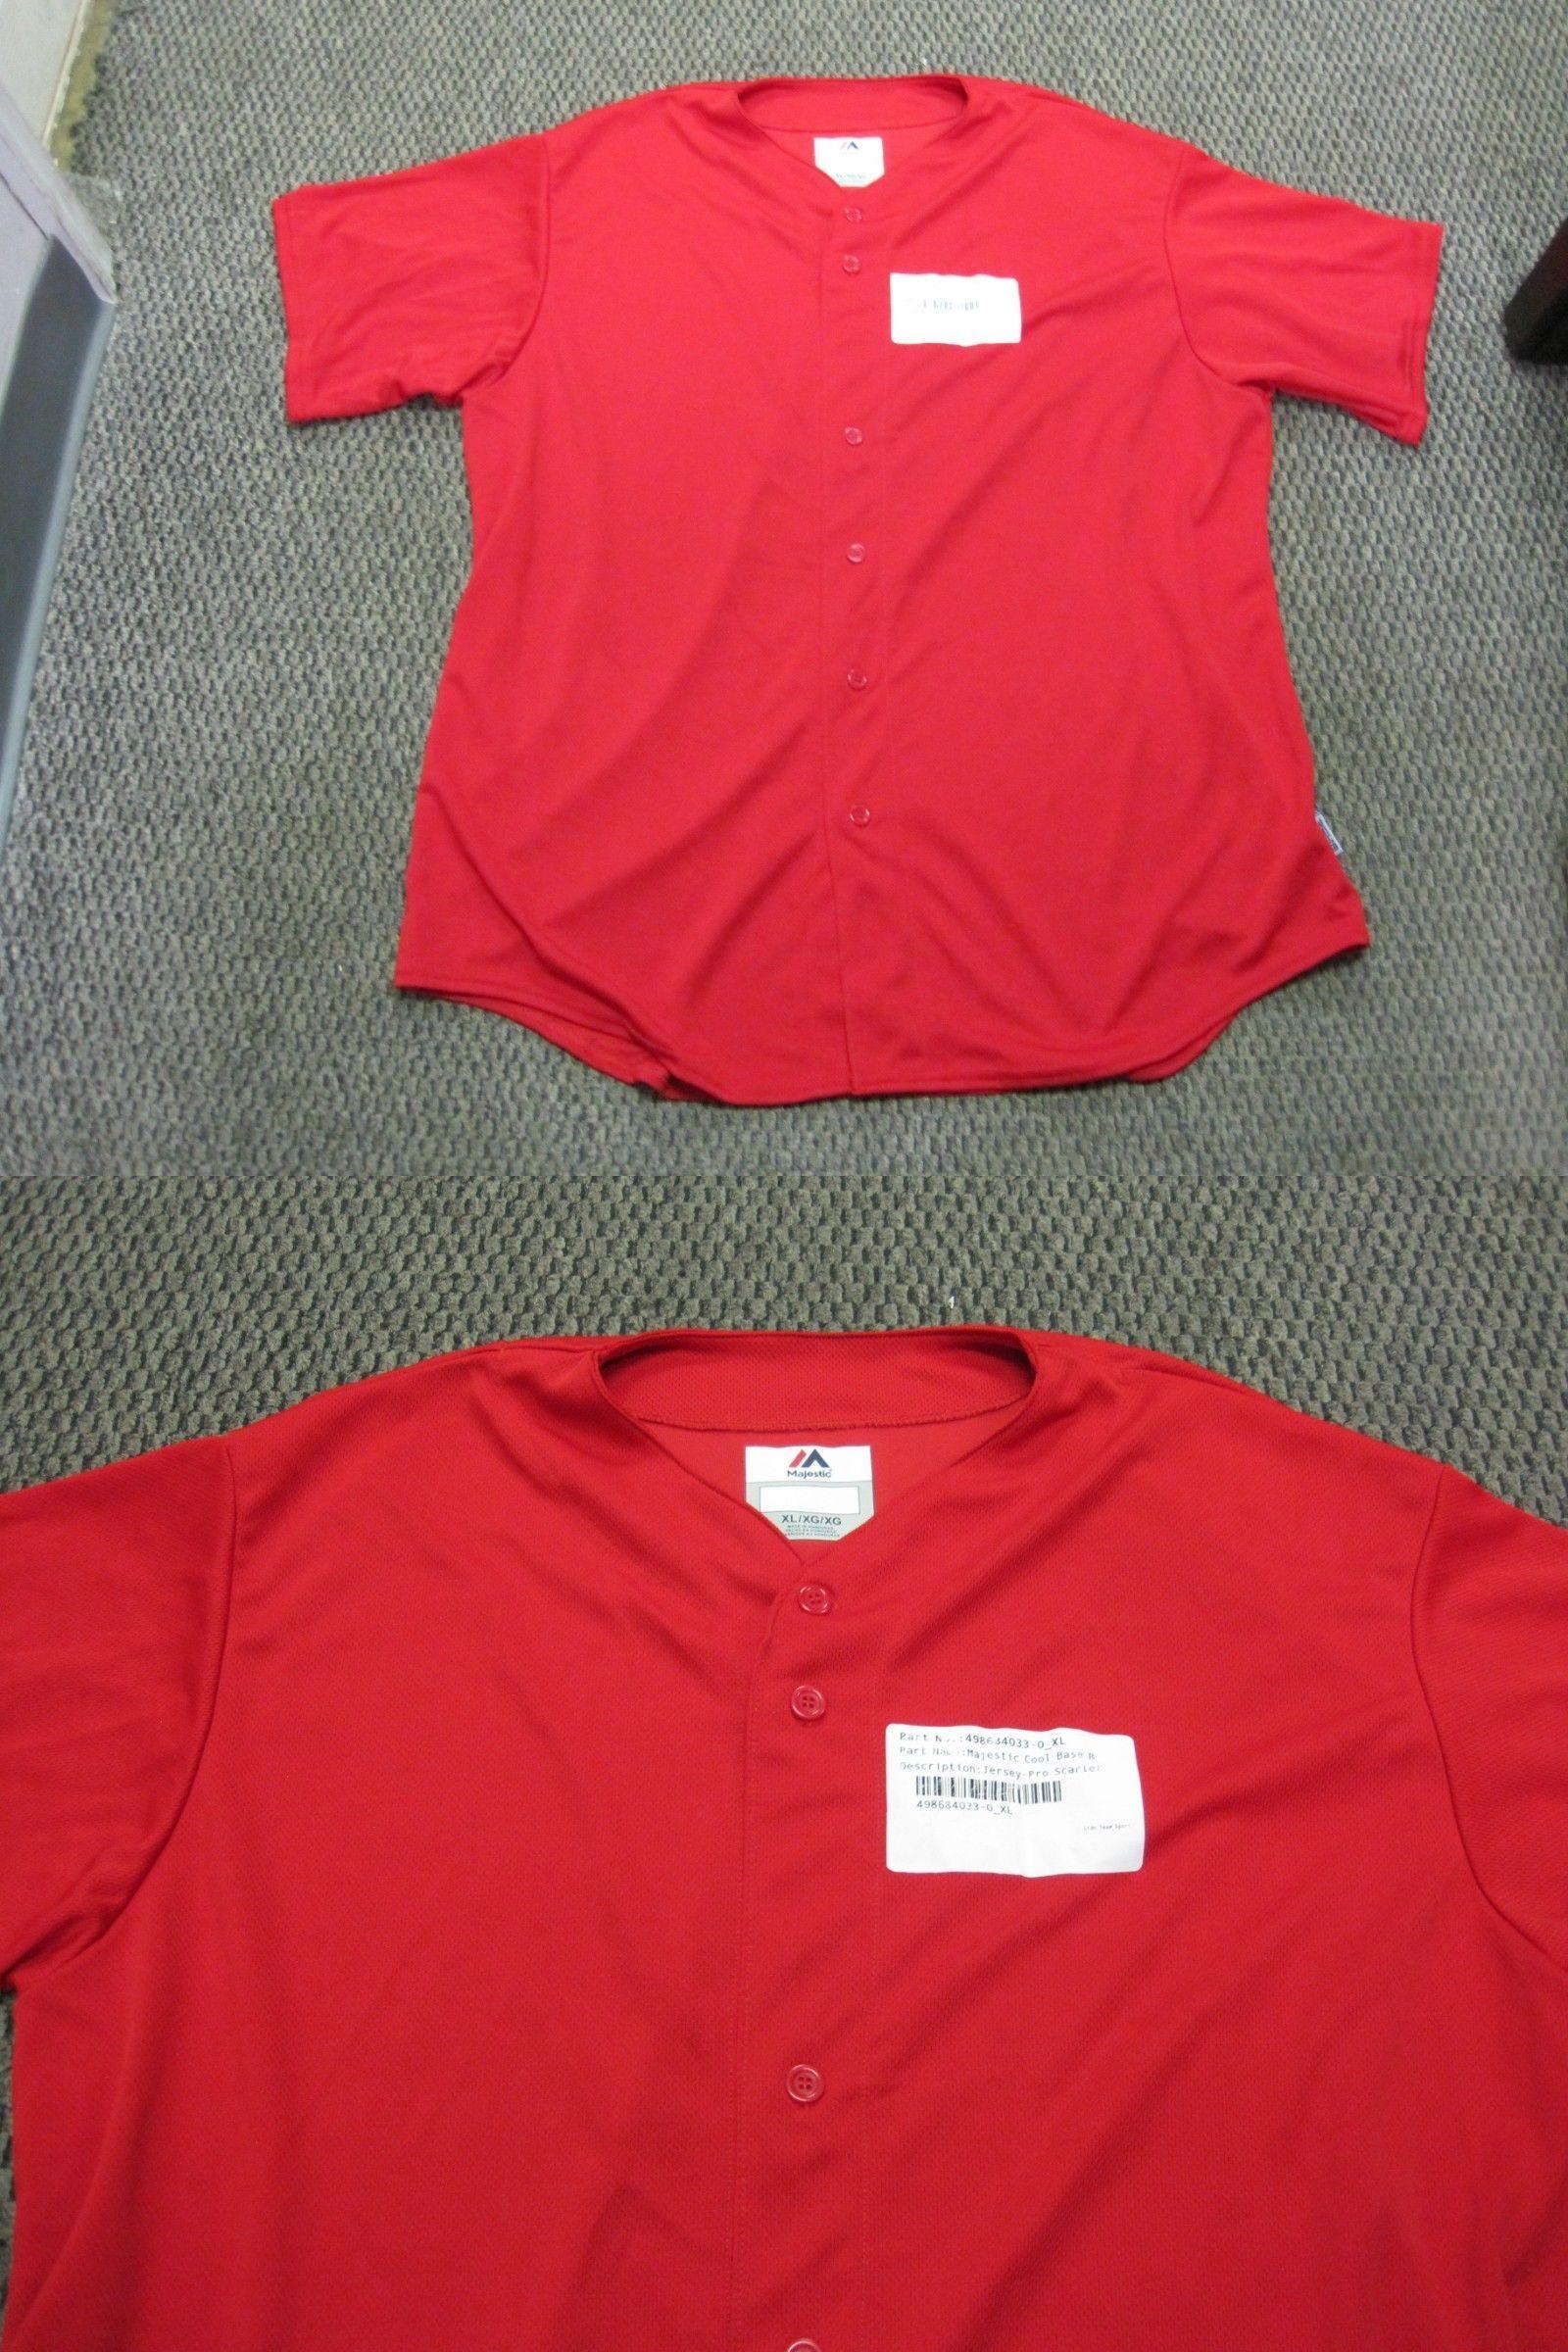 cbc856c1 Baseball Shirts and Jerseys 181348: New Majestic Adult Baseball Jersey  Scarlet Sizes Xl And 3Xl